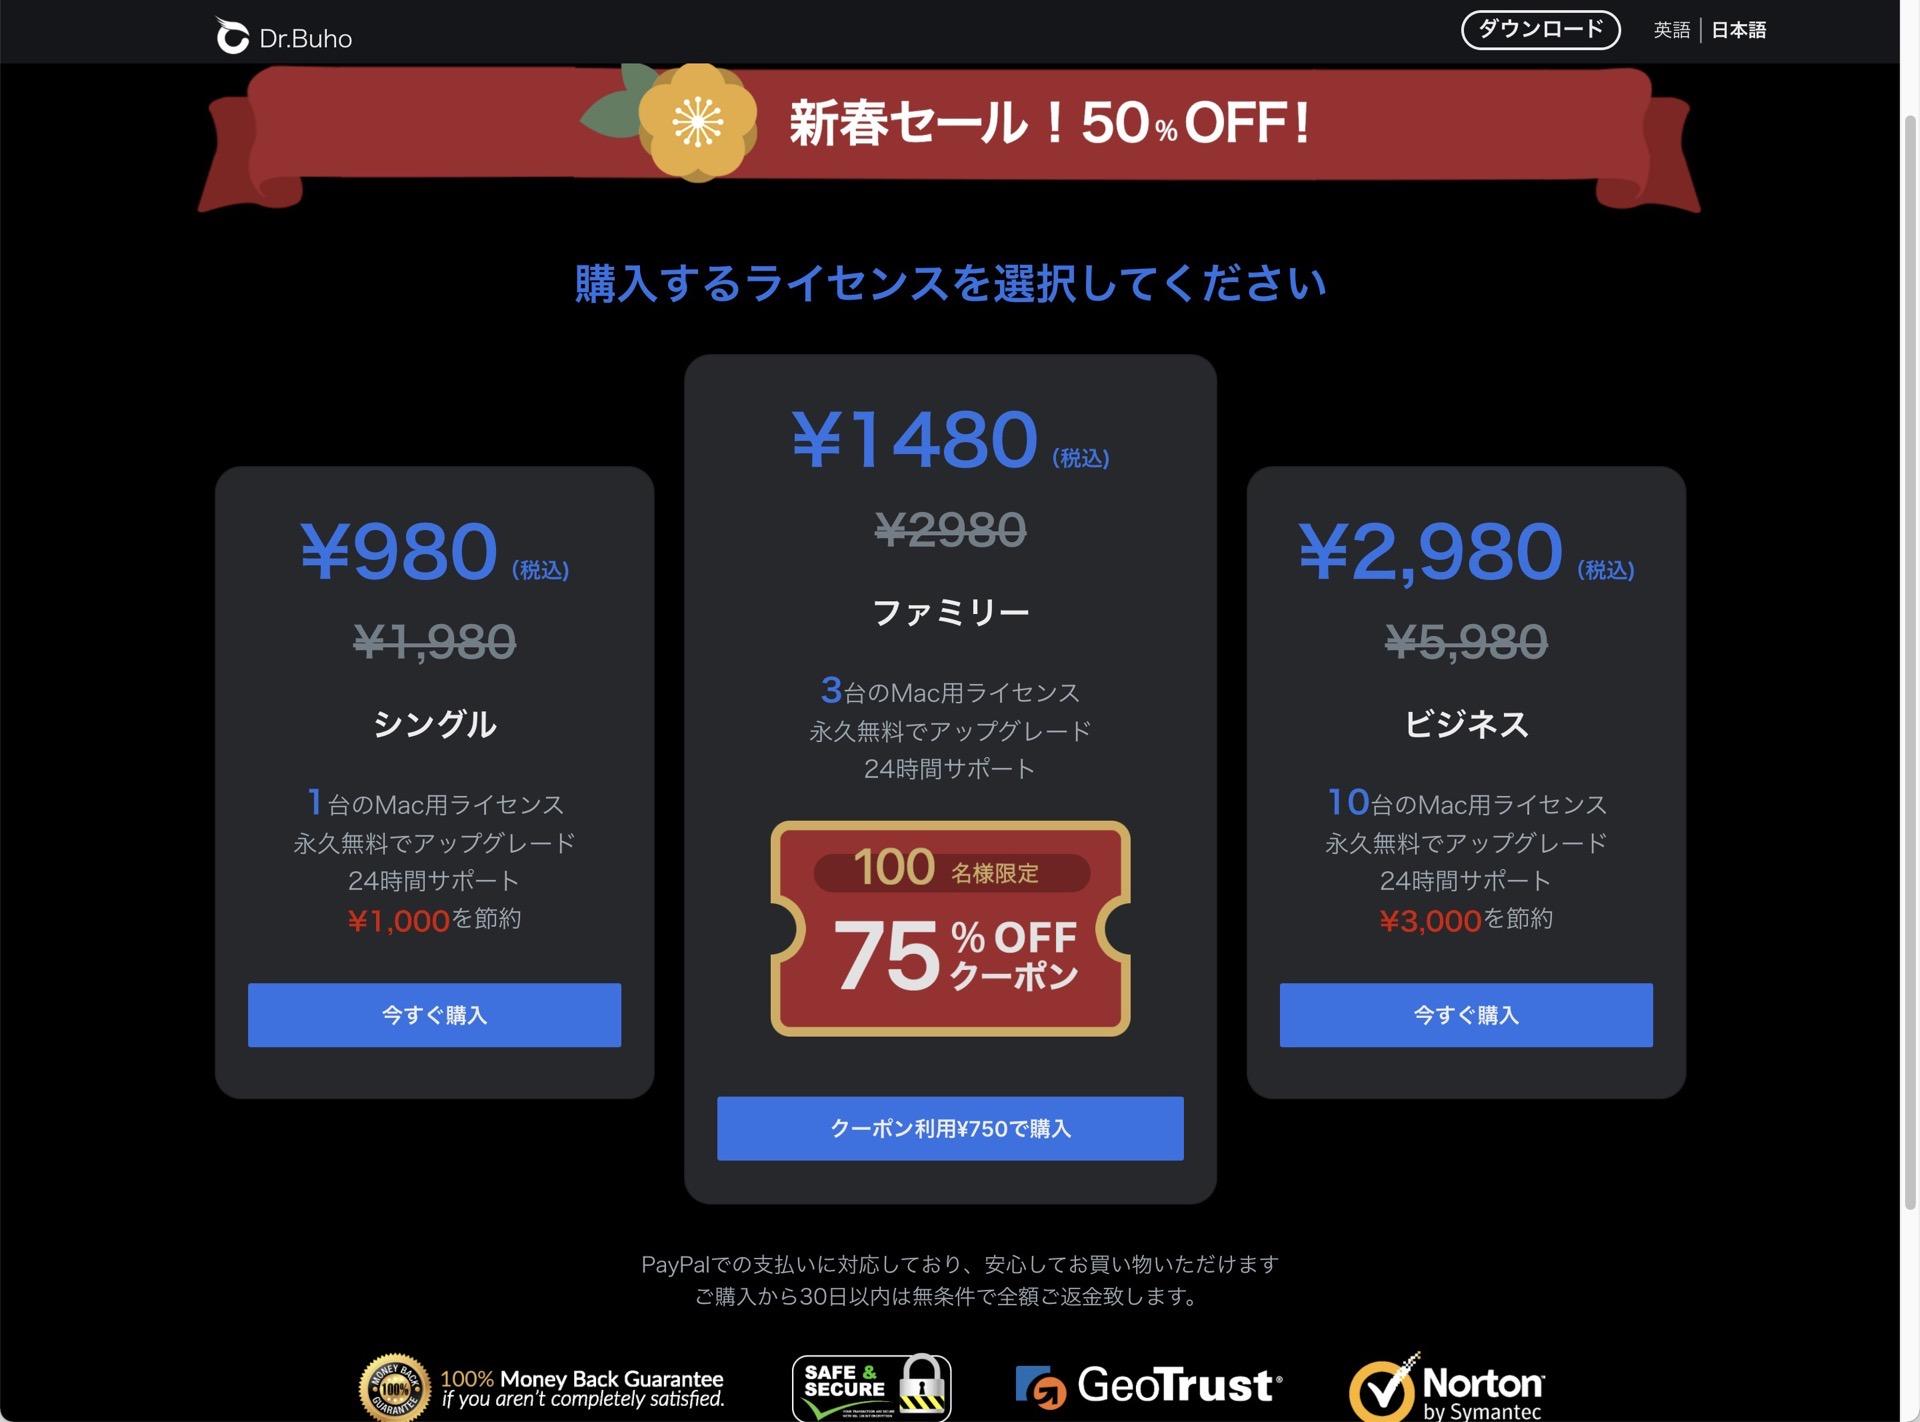 BuhoCleaner buy3